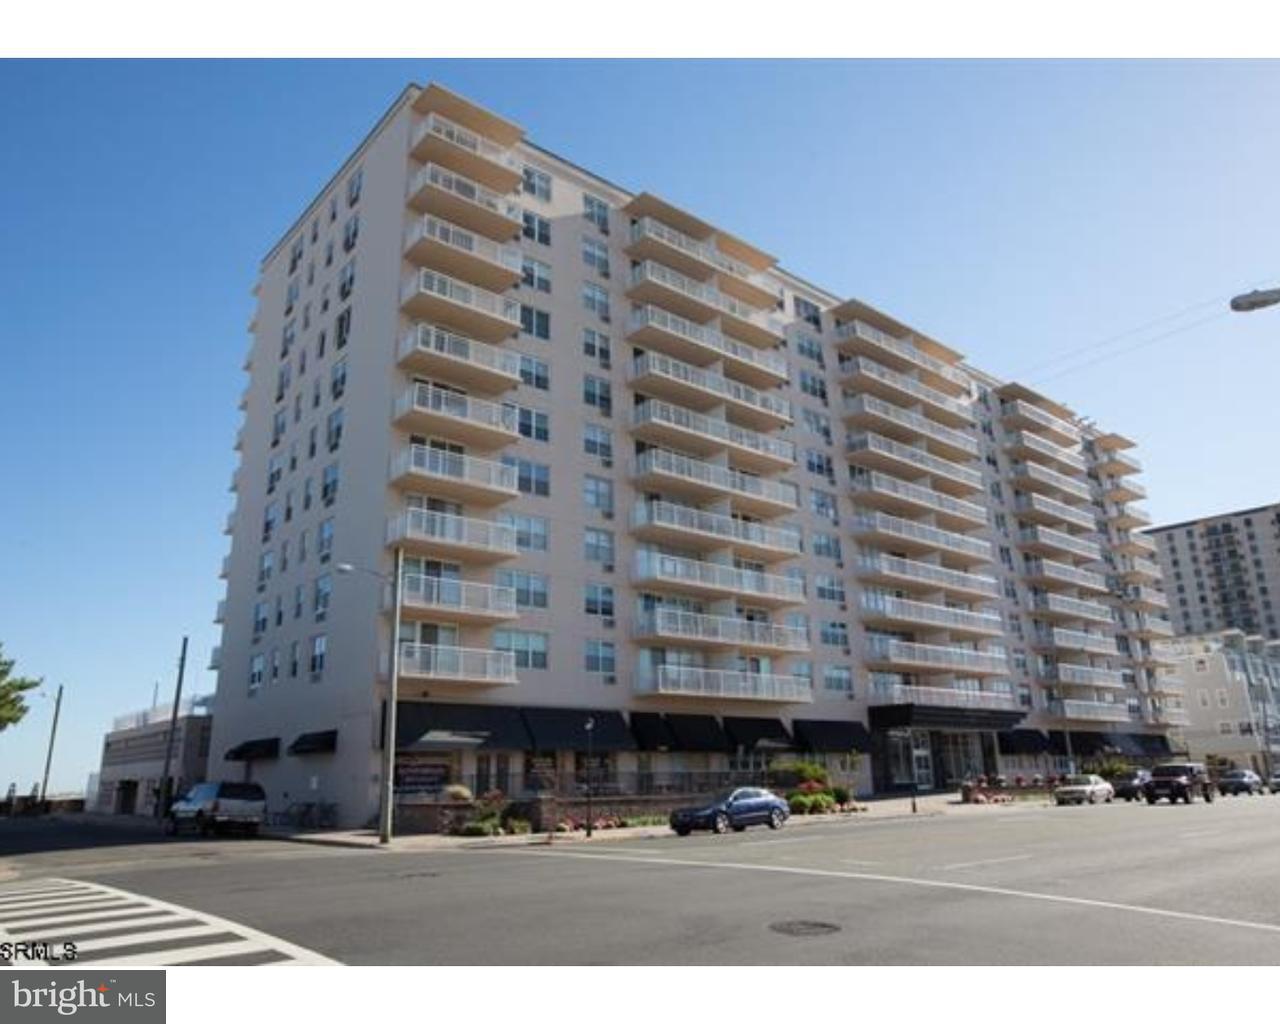 独户住宅 为 销售 在 9400 ATLANTIC AVE #1008 马盖特城, 新泽西州 08402 美国